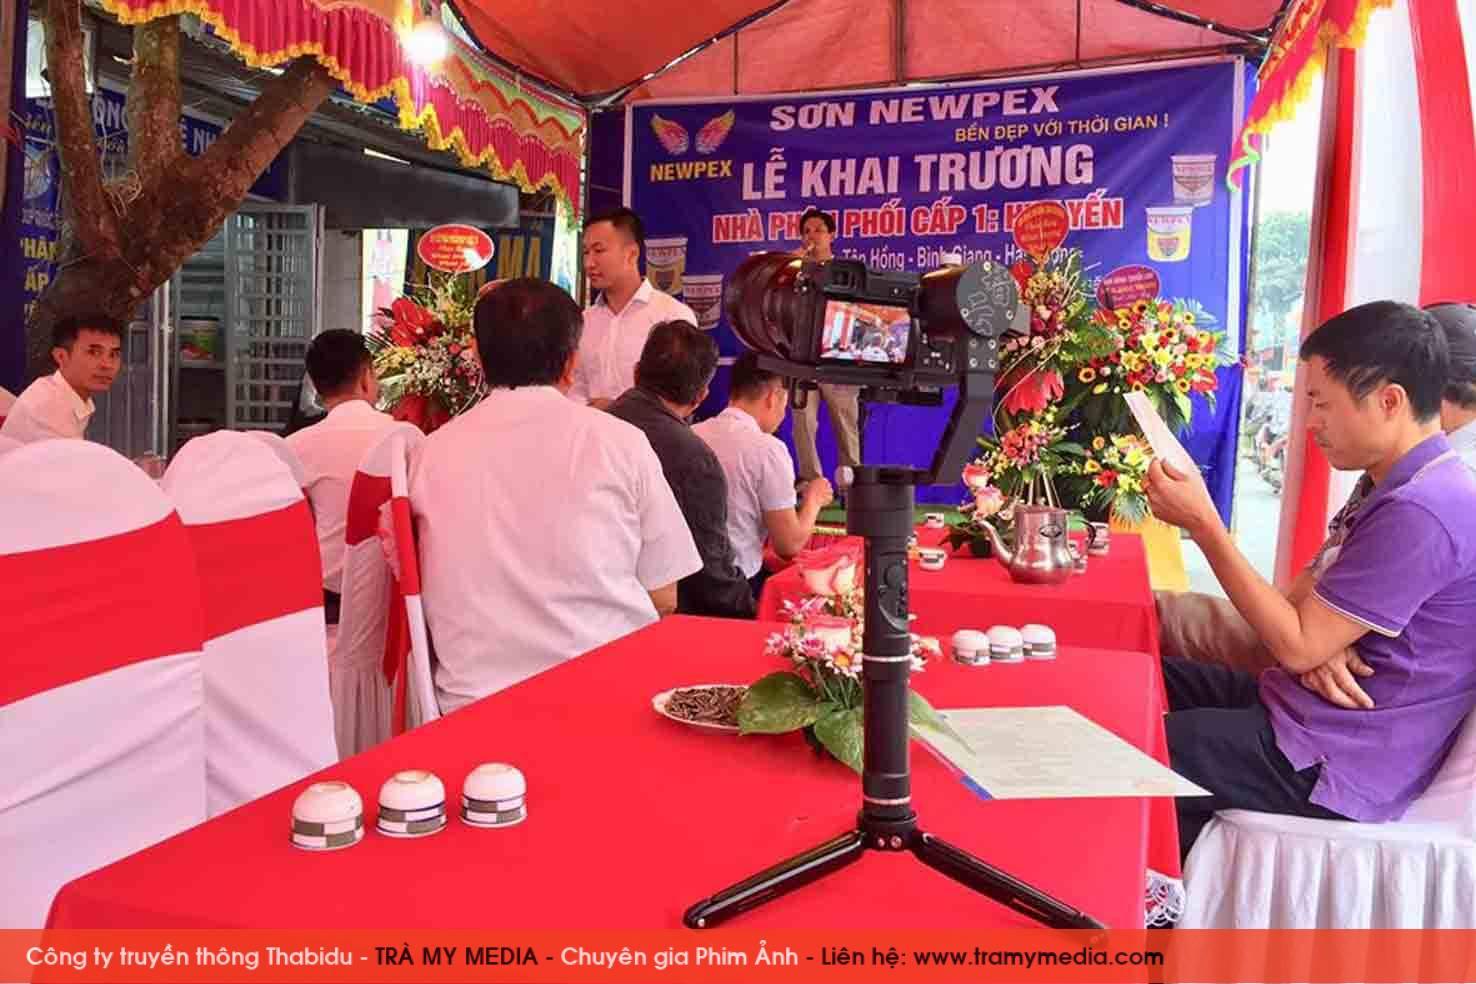 QUAY PHIM KHAI TRUONG TAI HAI DUONG 4